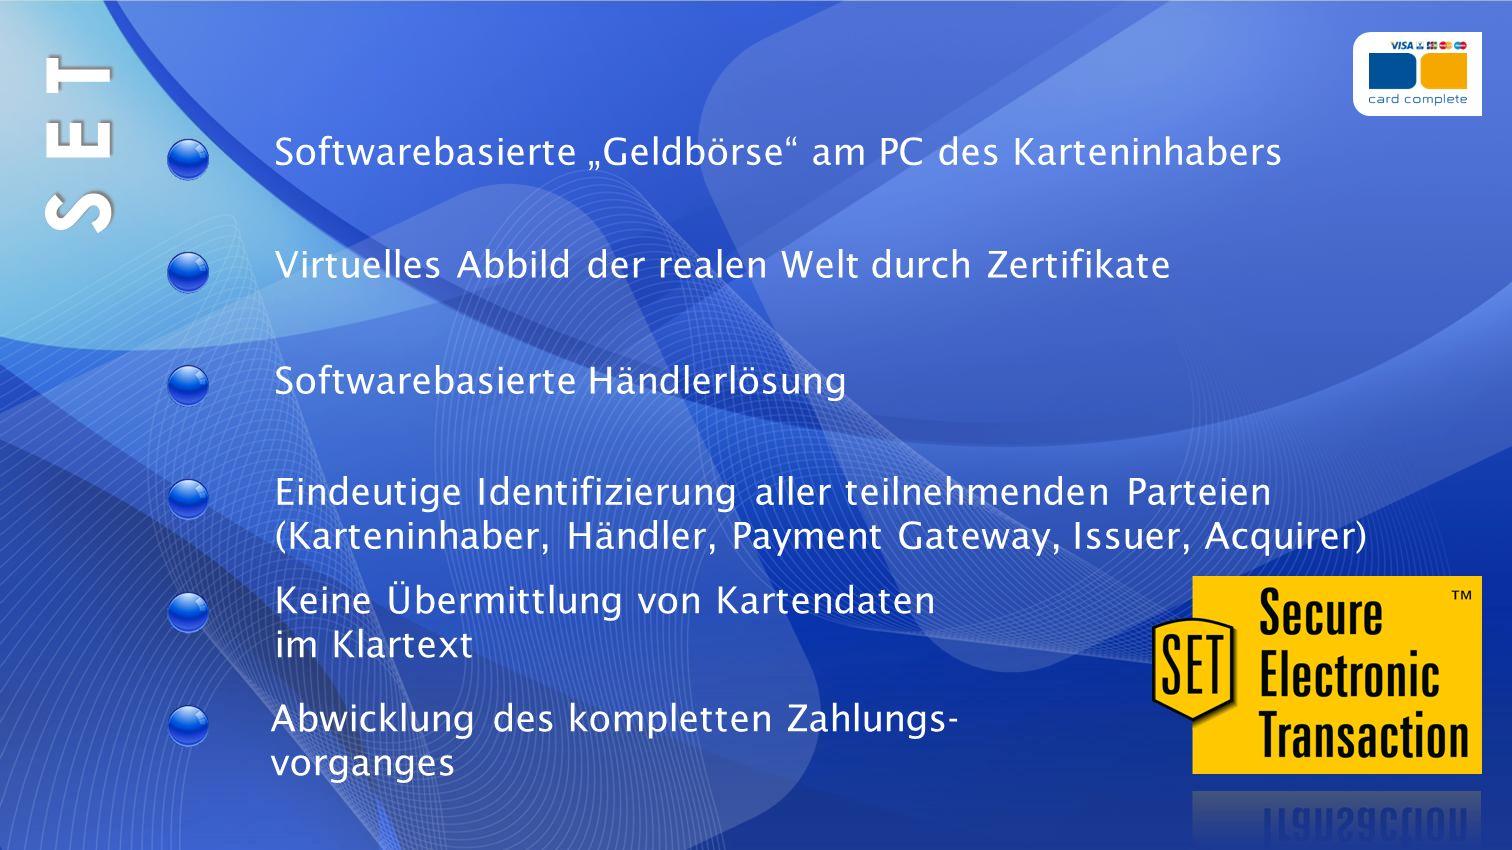 """S E T Softwarebasierte """"Geldbörse am PC des Karteninhabers"""